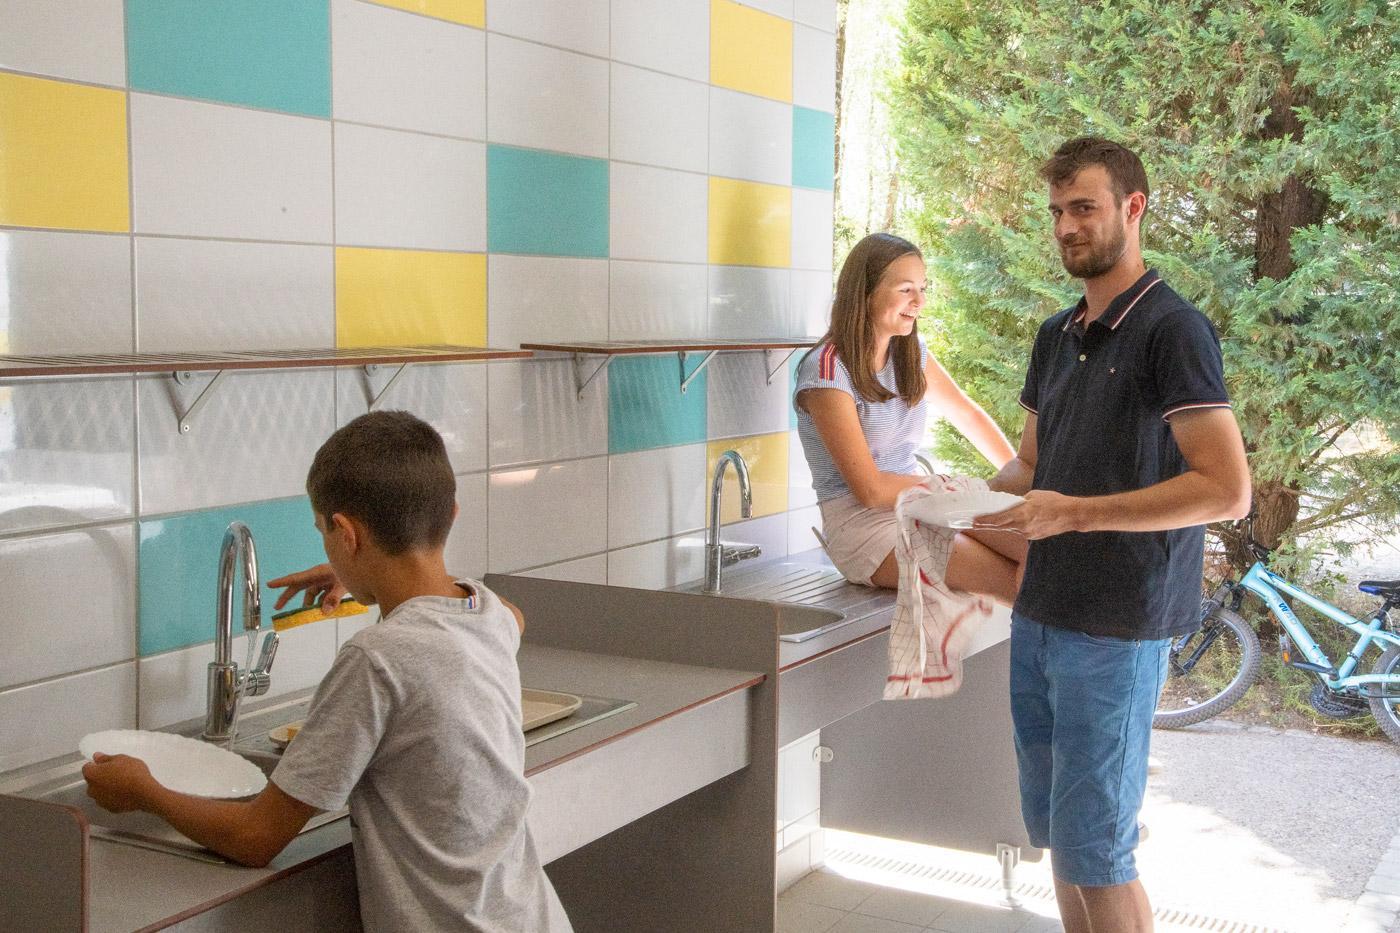 Camping Sites Et Paysages Les Saules Cheverny Sanitaire Vaisselle